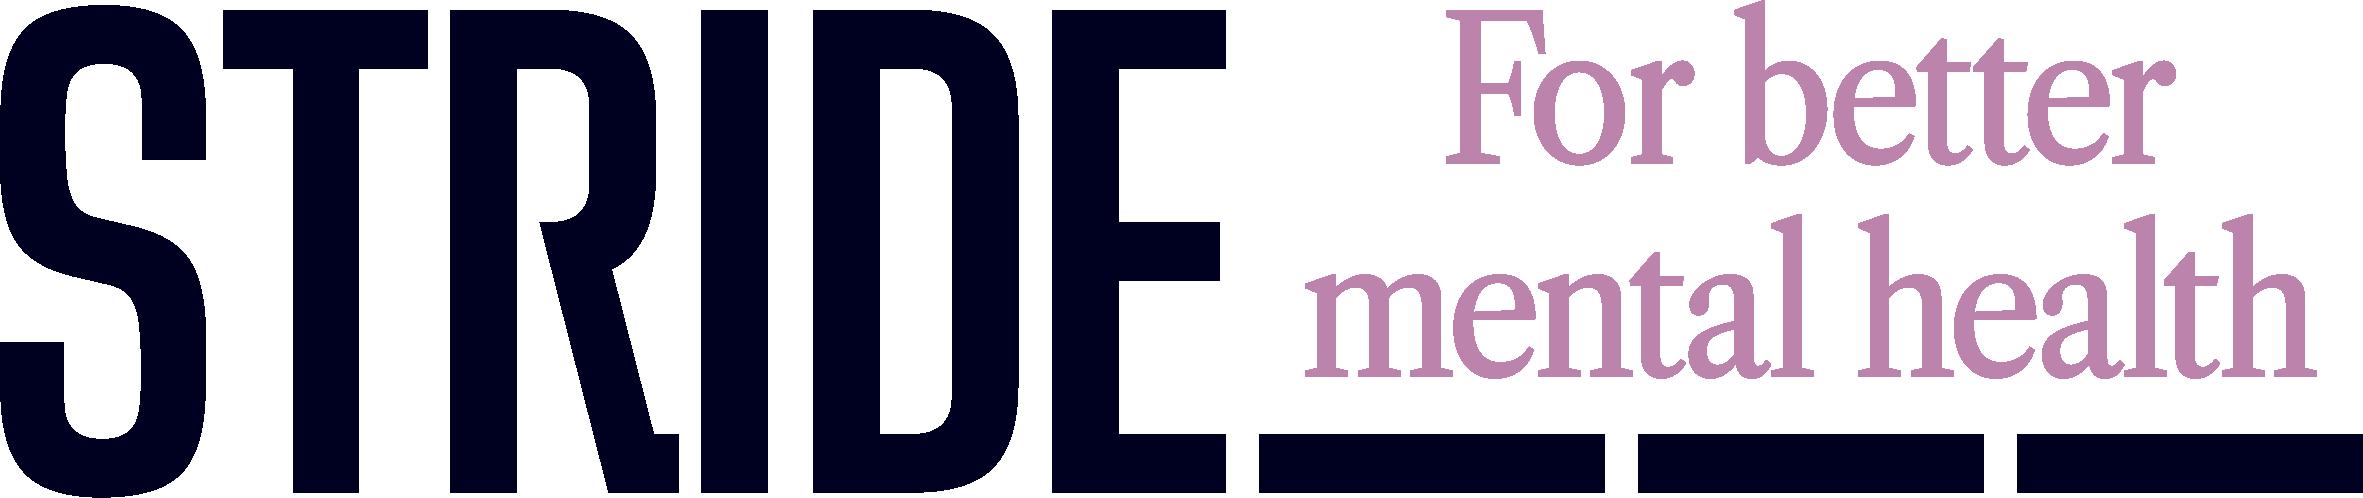 Family & Carer Mental Health Program logo